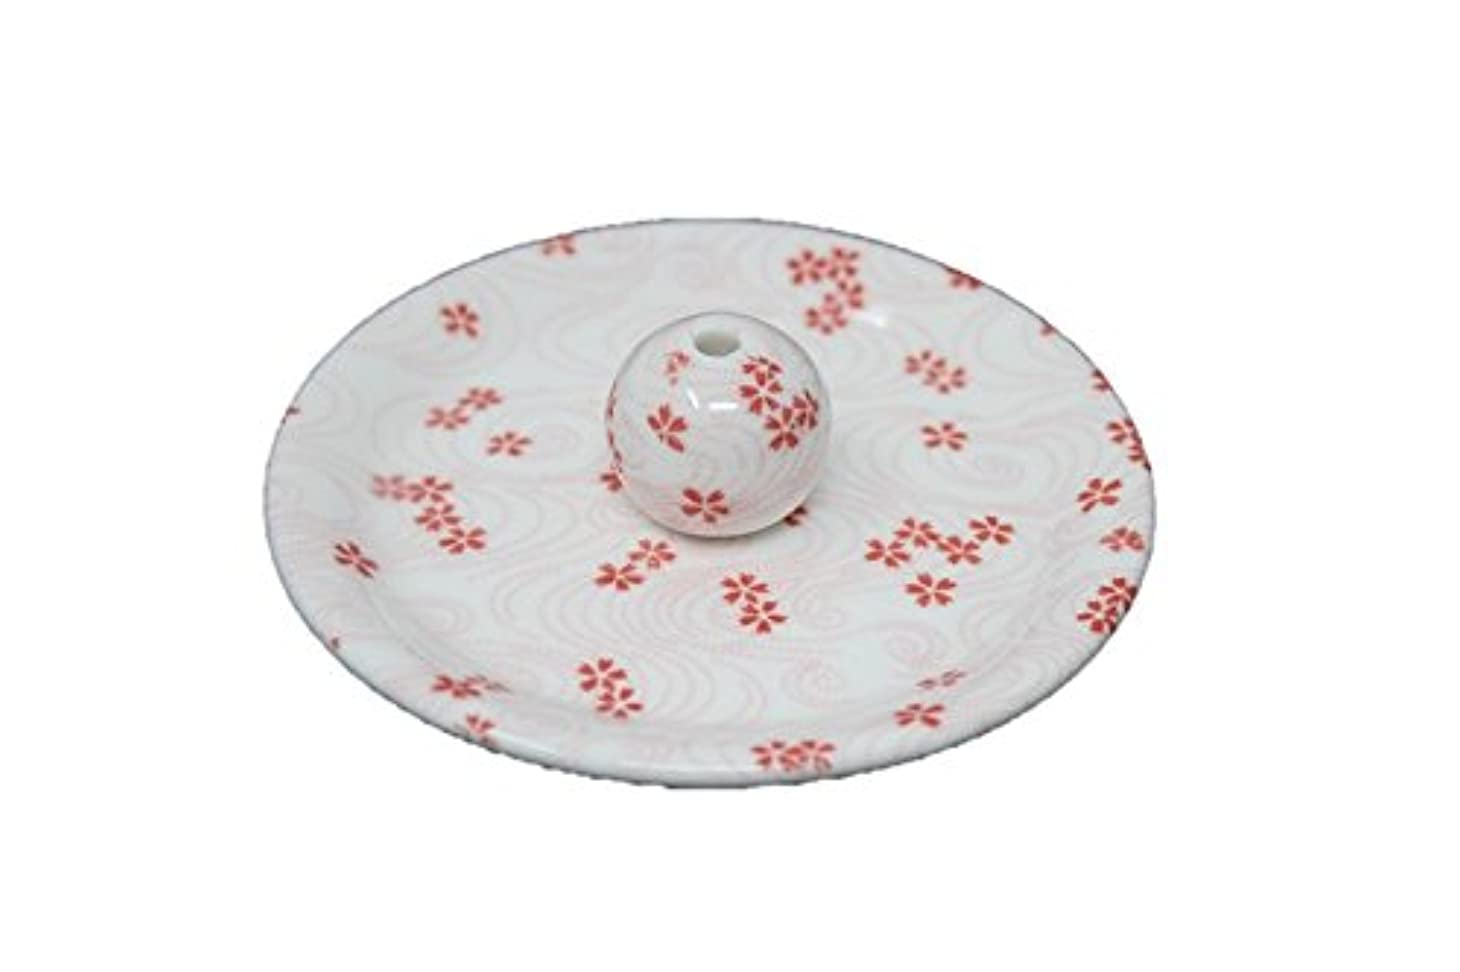 通行人苦難ロデオ9-34 桜渦 9cm香皿 お香立て お香たて 陶器 日本製 製造?直売品